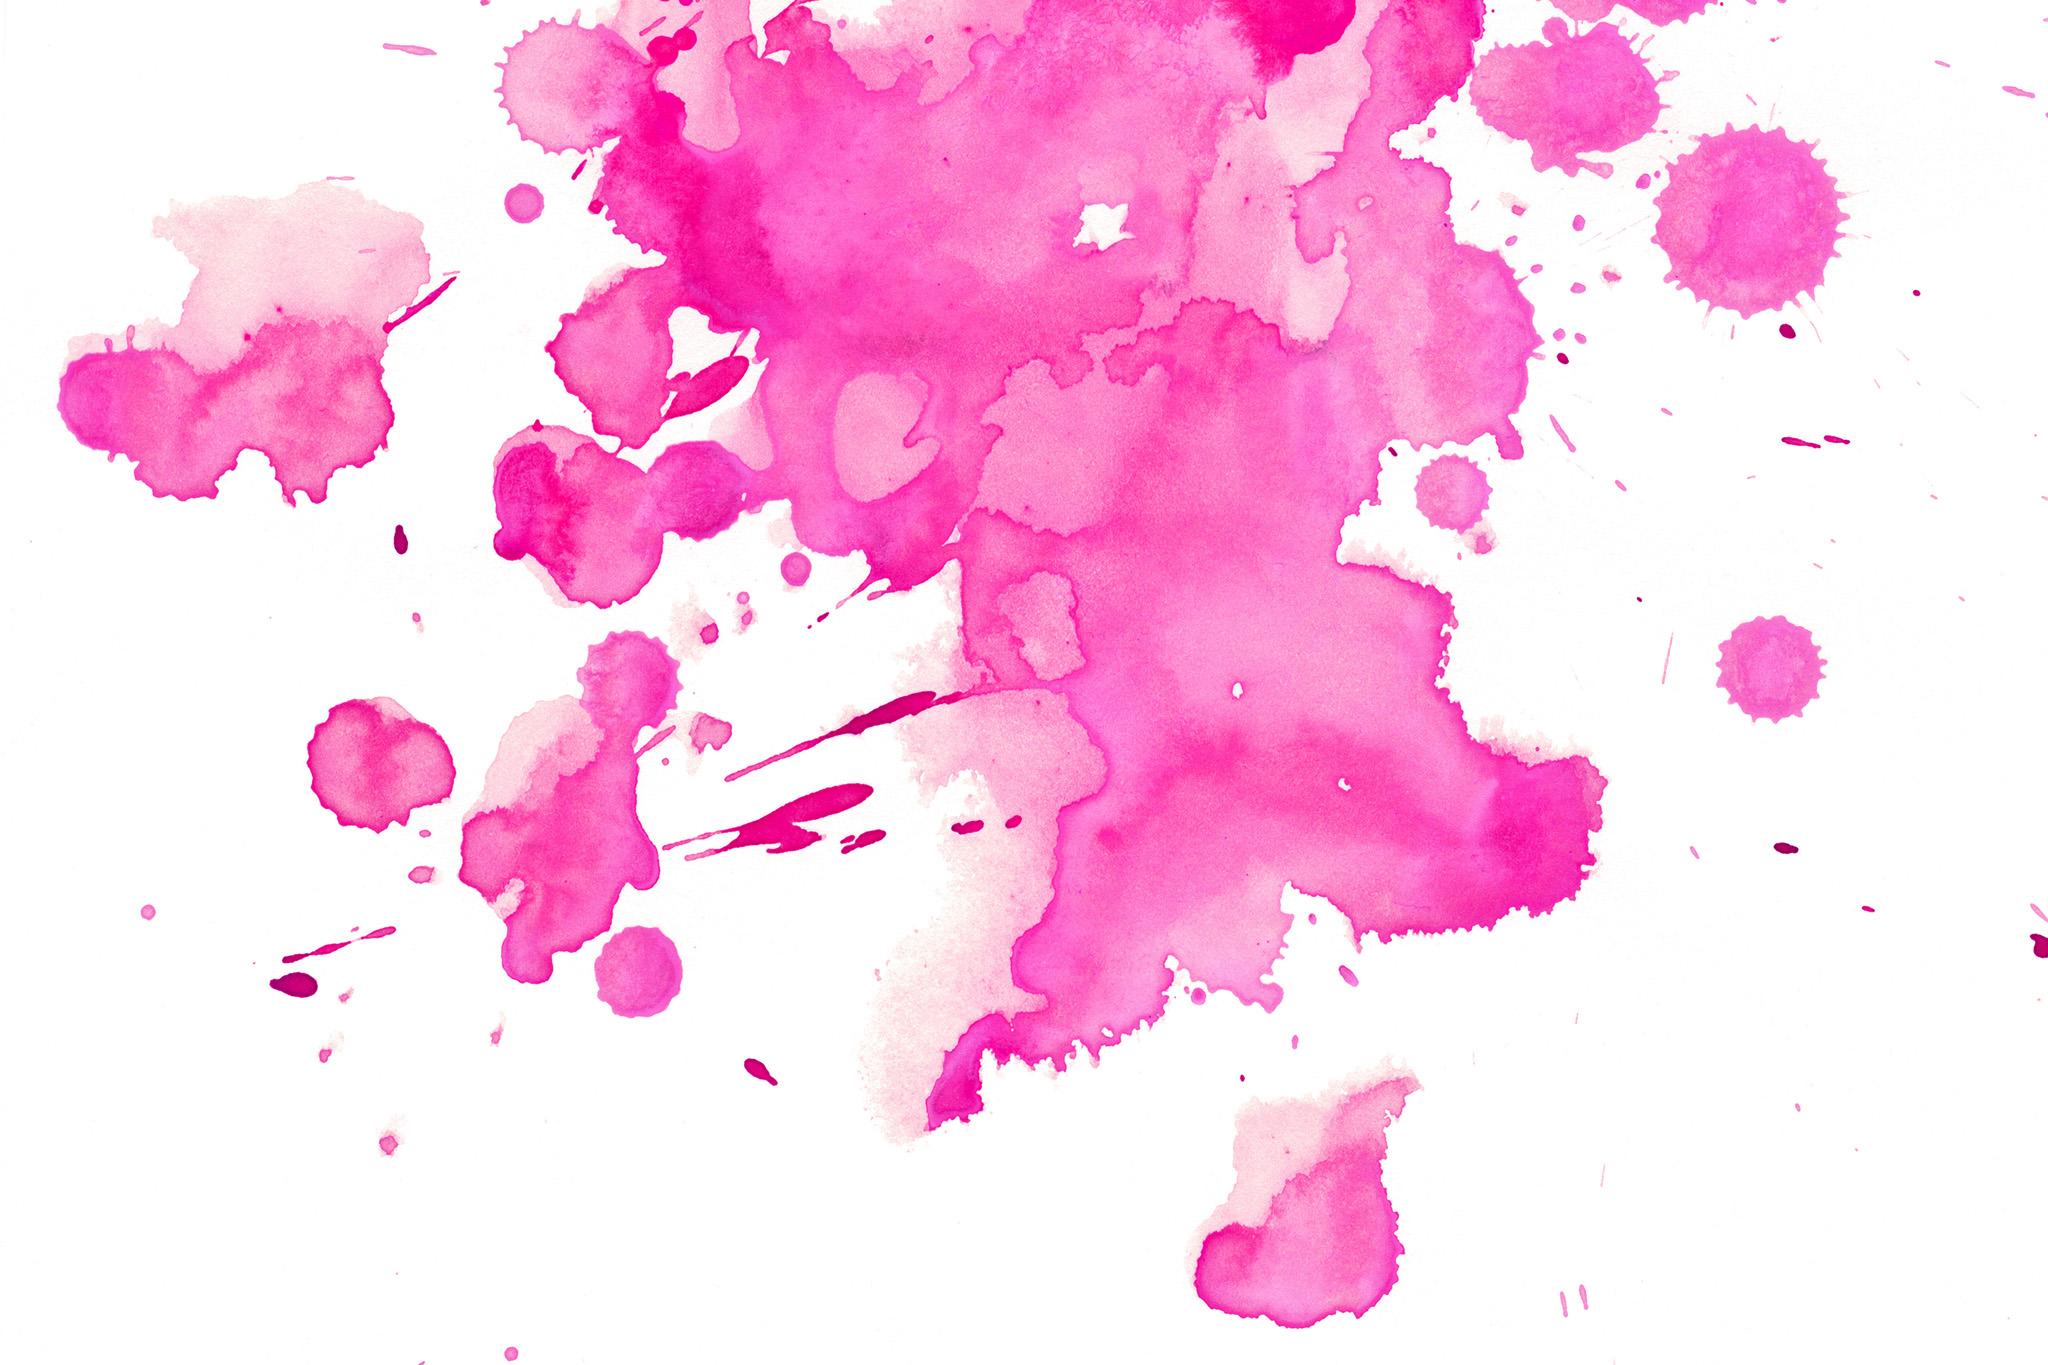 「ピンクの水彩絵具の滲みと飛沫」